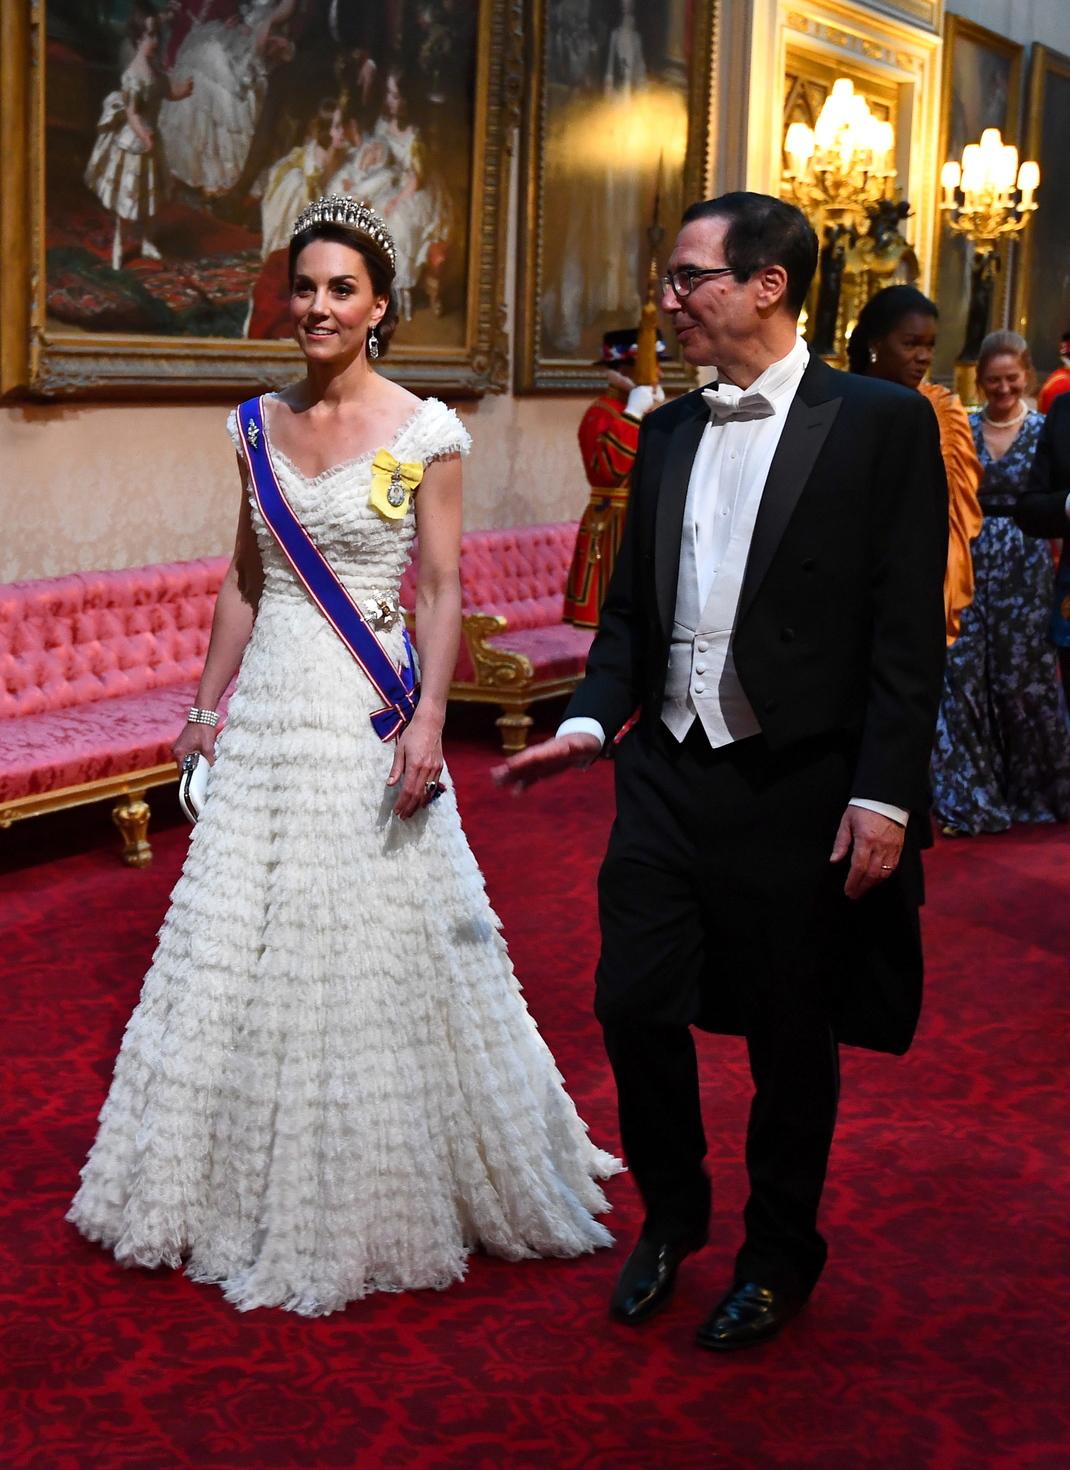 Katalin hercegné Steven Mnuchinz, az Egyesült Államok pénzügyminiszterének kíséretében (Fotó: MTI/EPA/STR/POOL SHUTTERSTOCK )